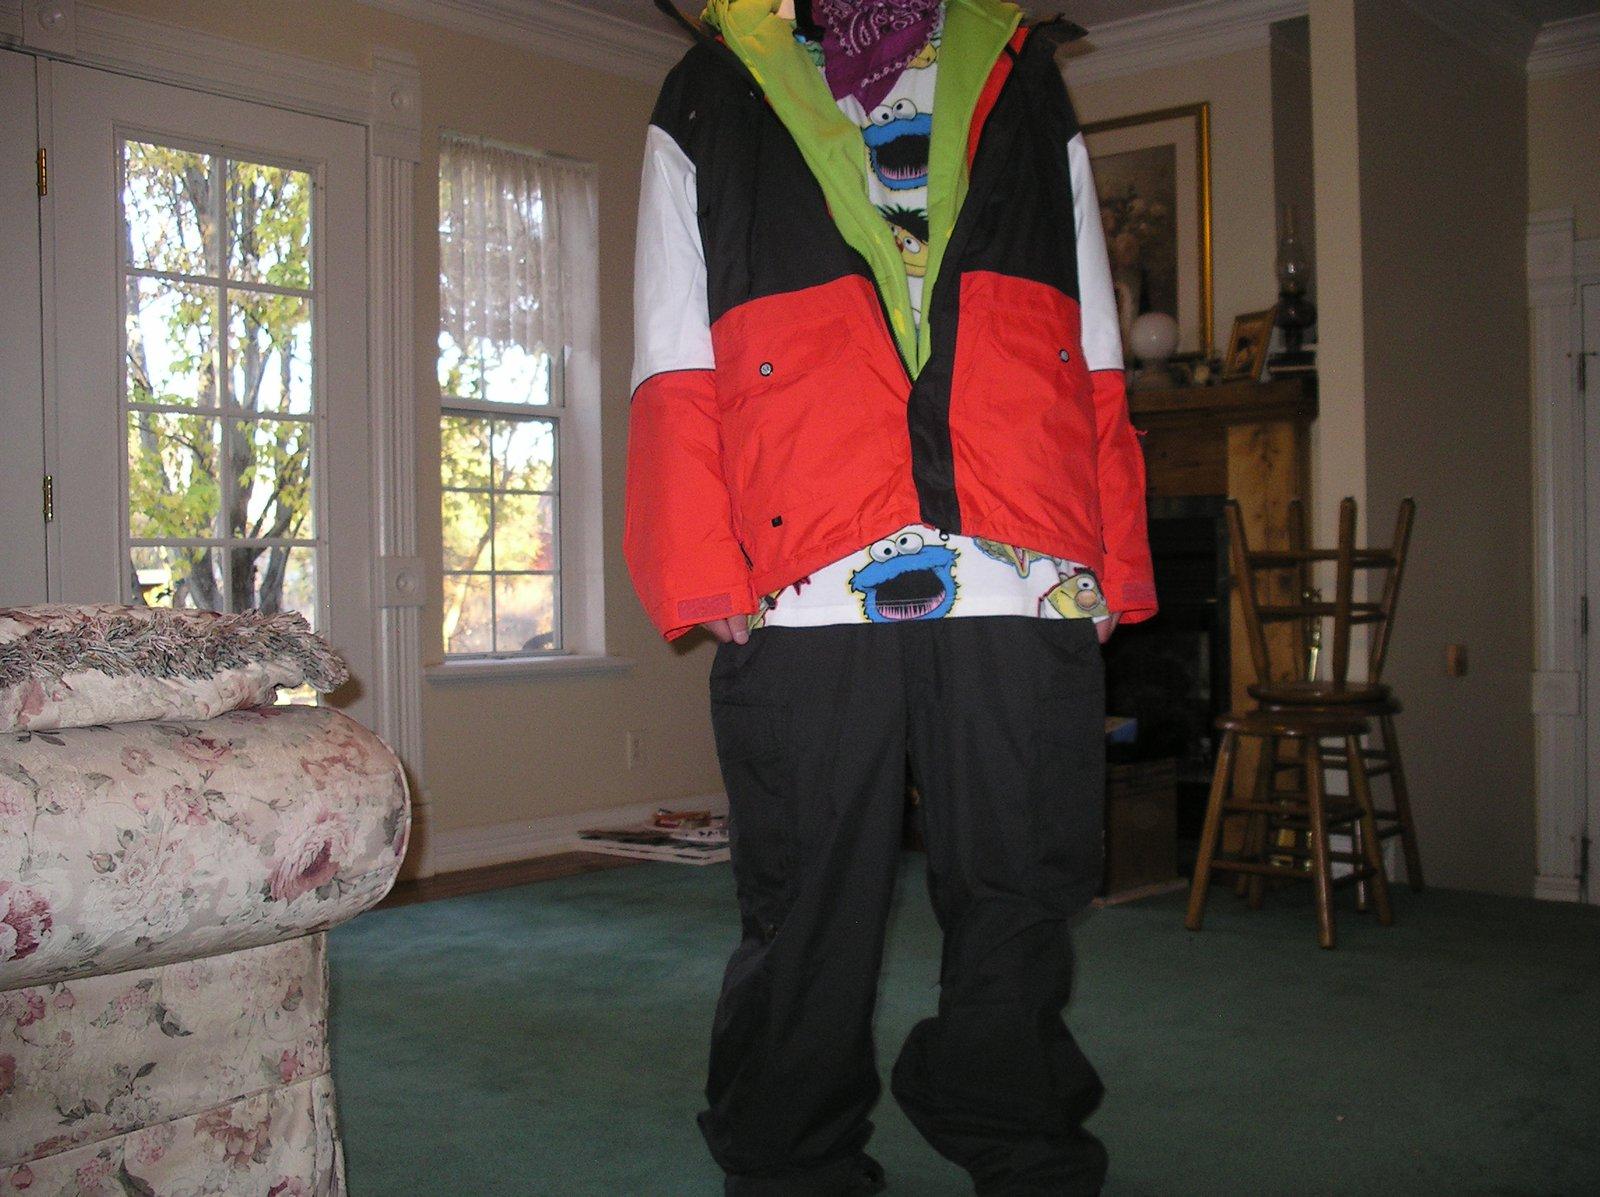 New jacket, helmet and pants